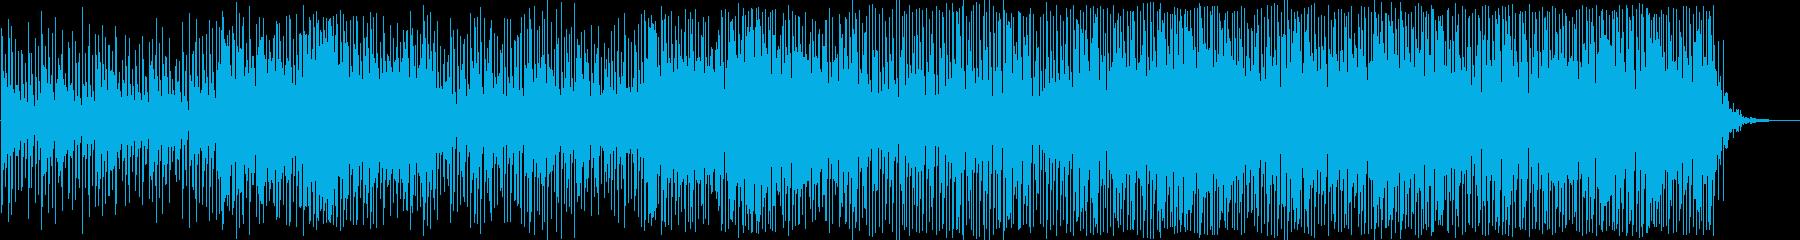 未来感あるオーケストラ+テクノver2の再生済みの波形